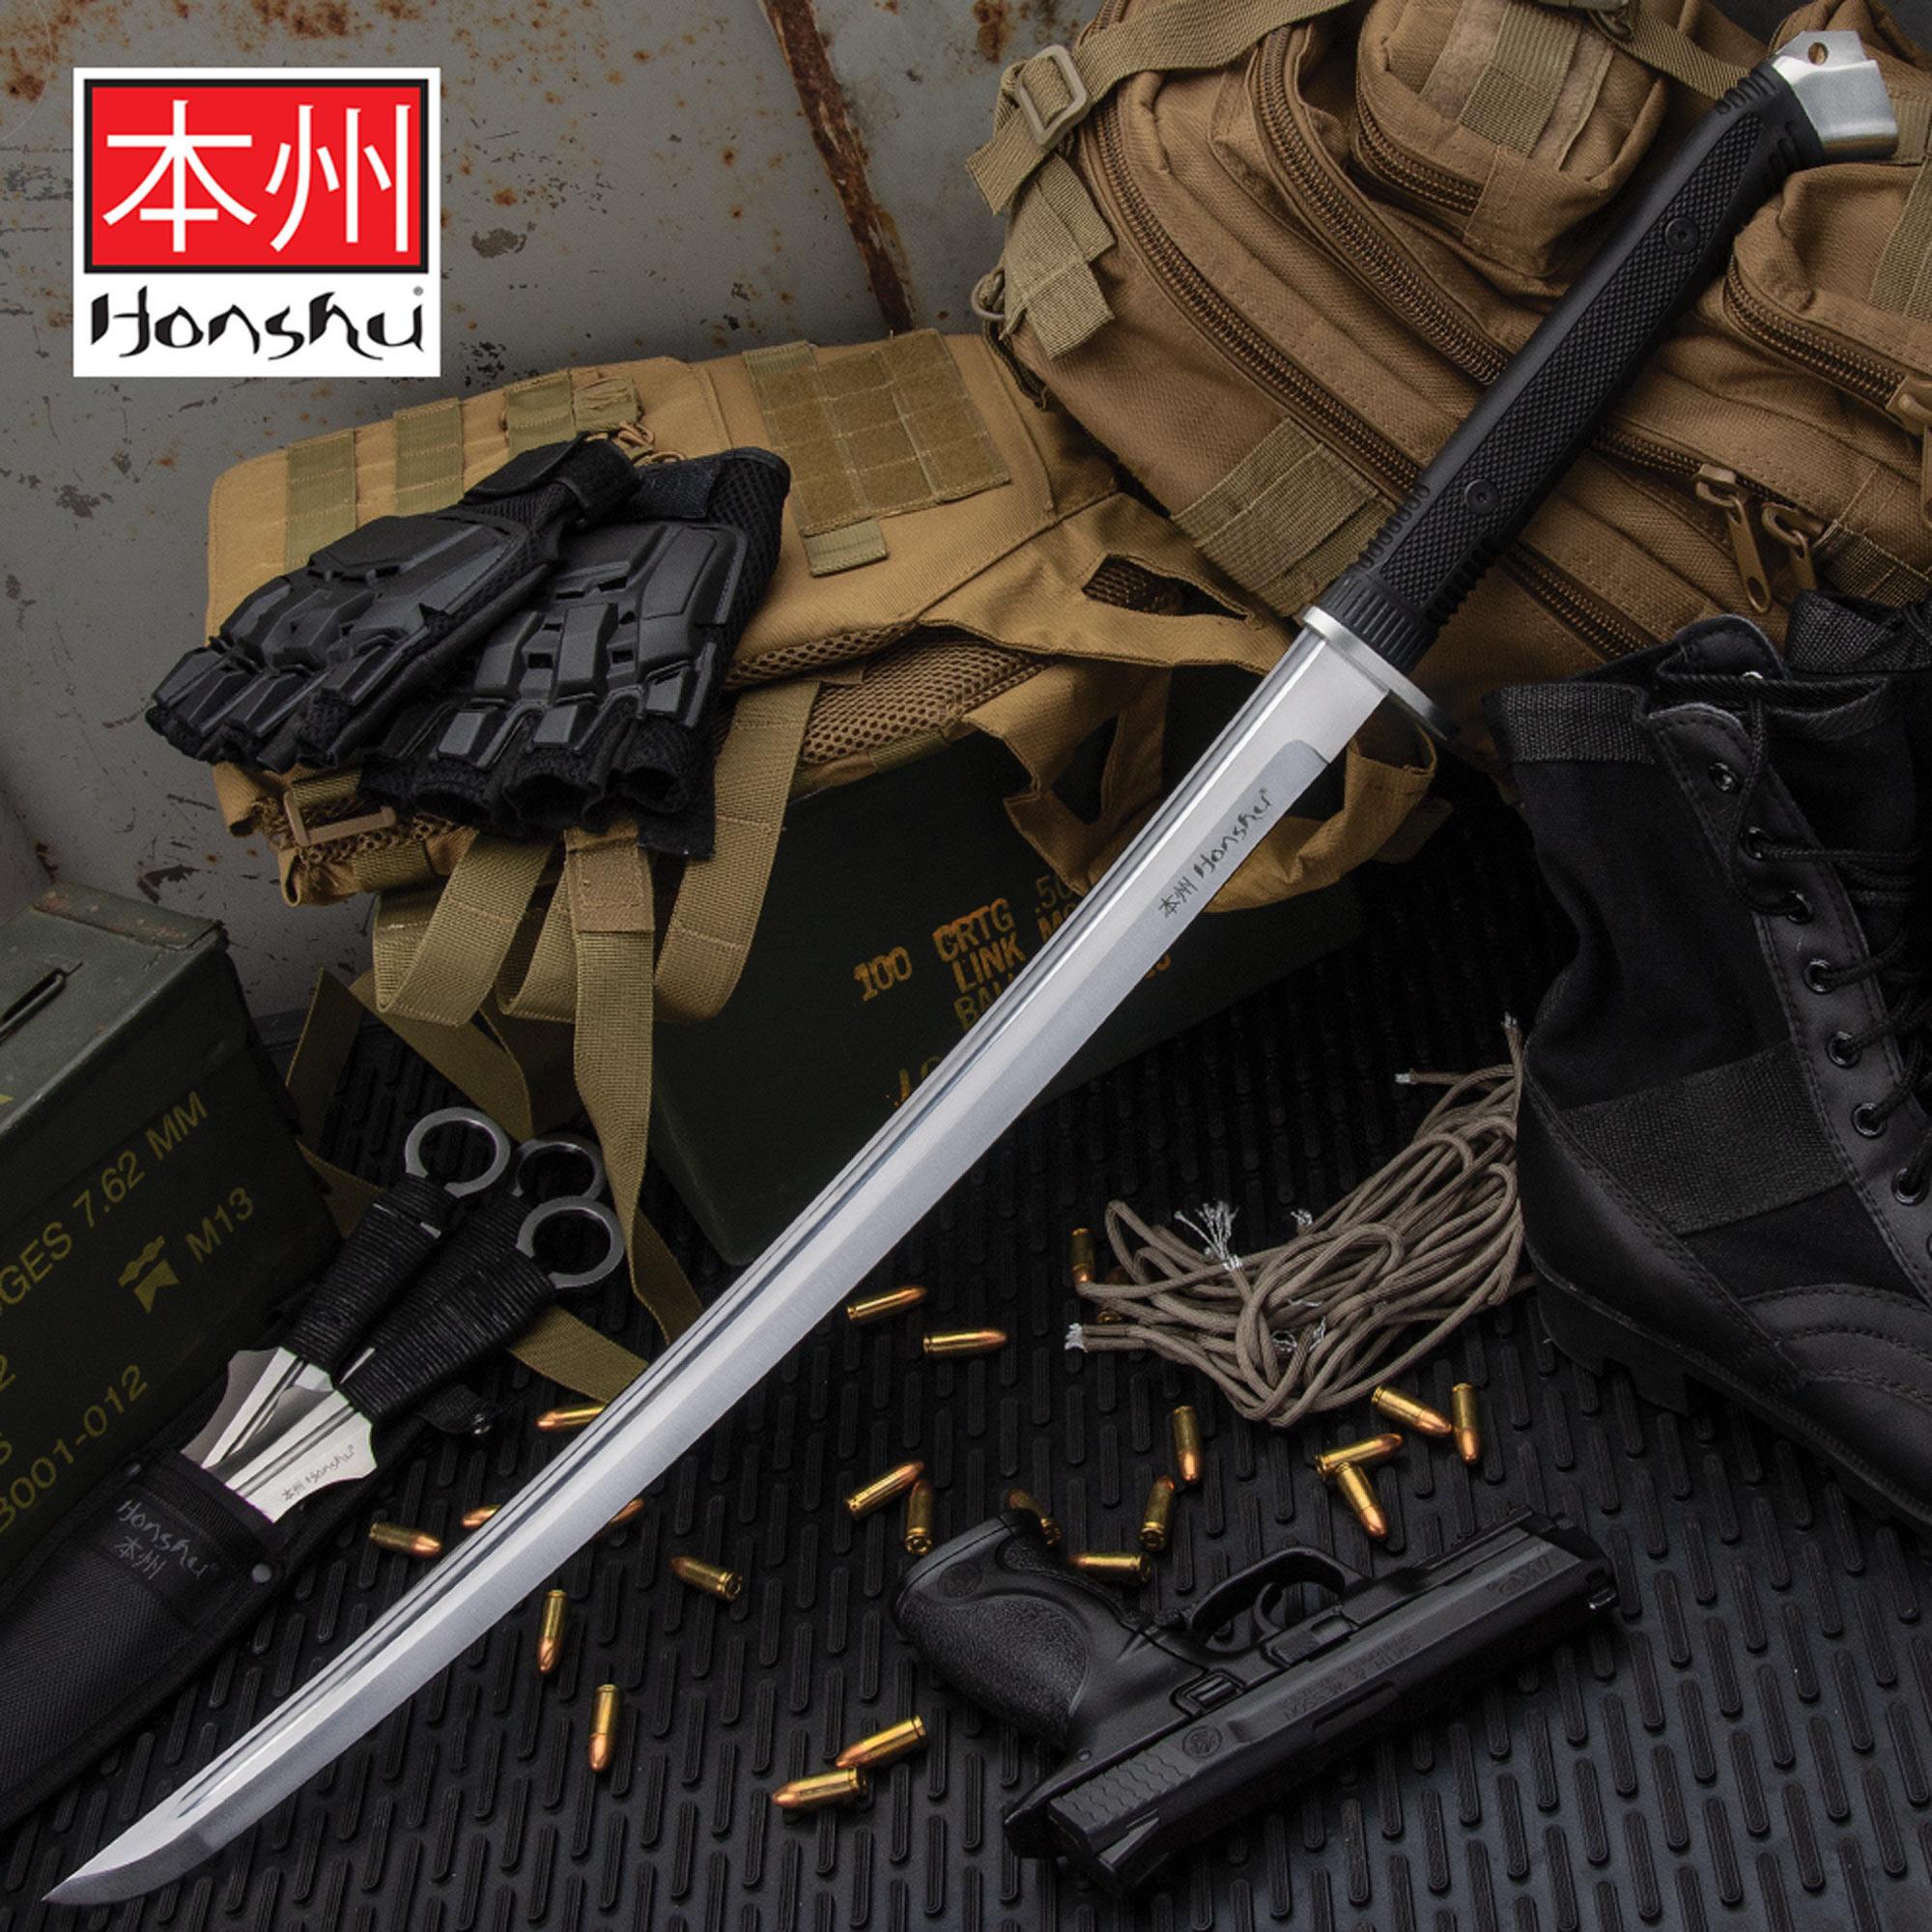 Honshu Boshin Wakizashi Modern Tactical Samurai Ninja